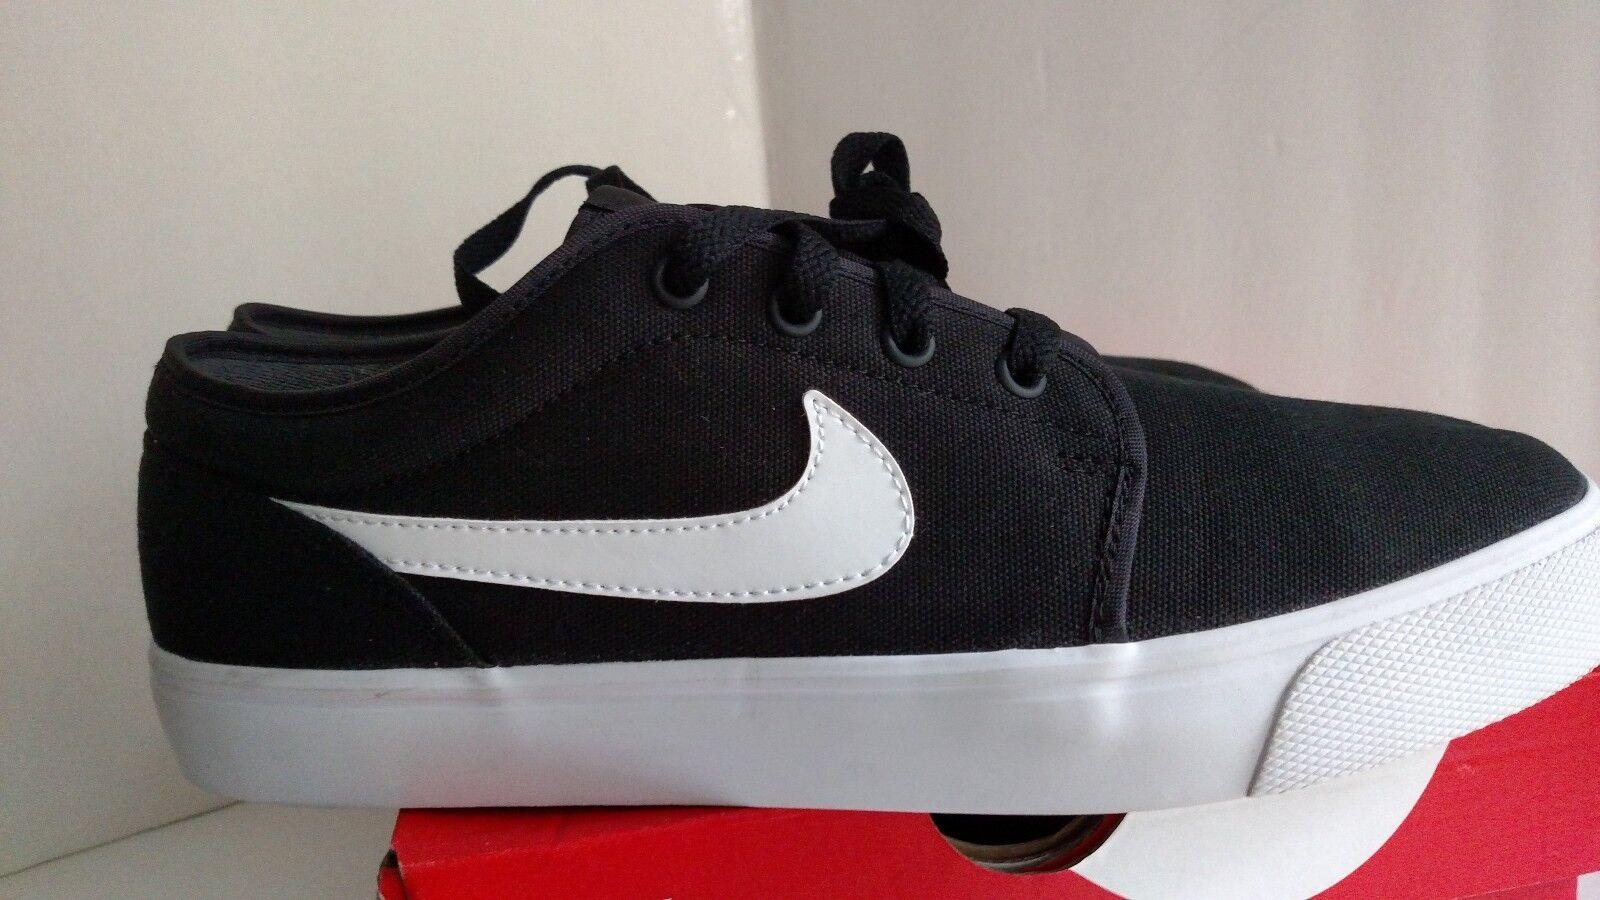 Nike toki niedrigen txt textil 555272-020 - schwarz - weiße 555272-020 textil mens us - größe 9,5 f85dcd